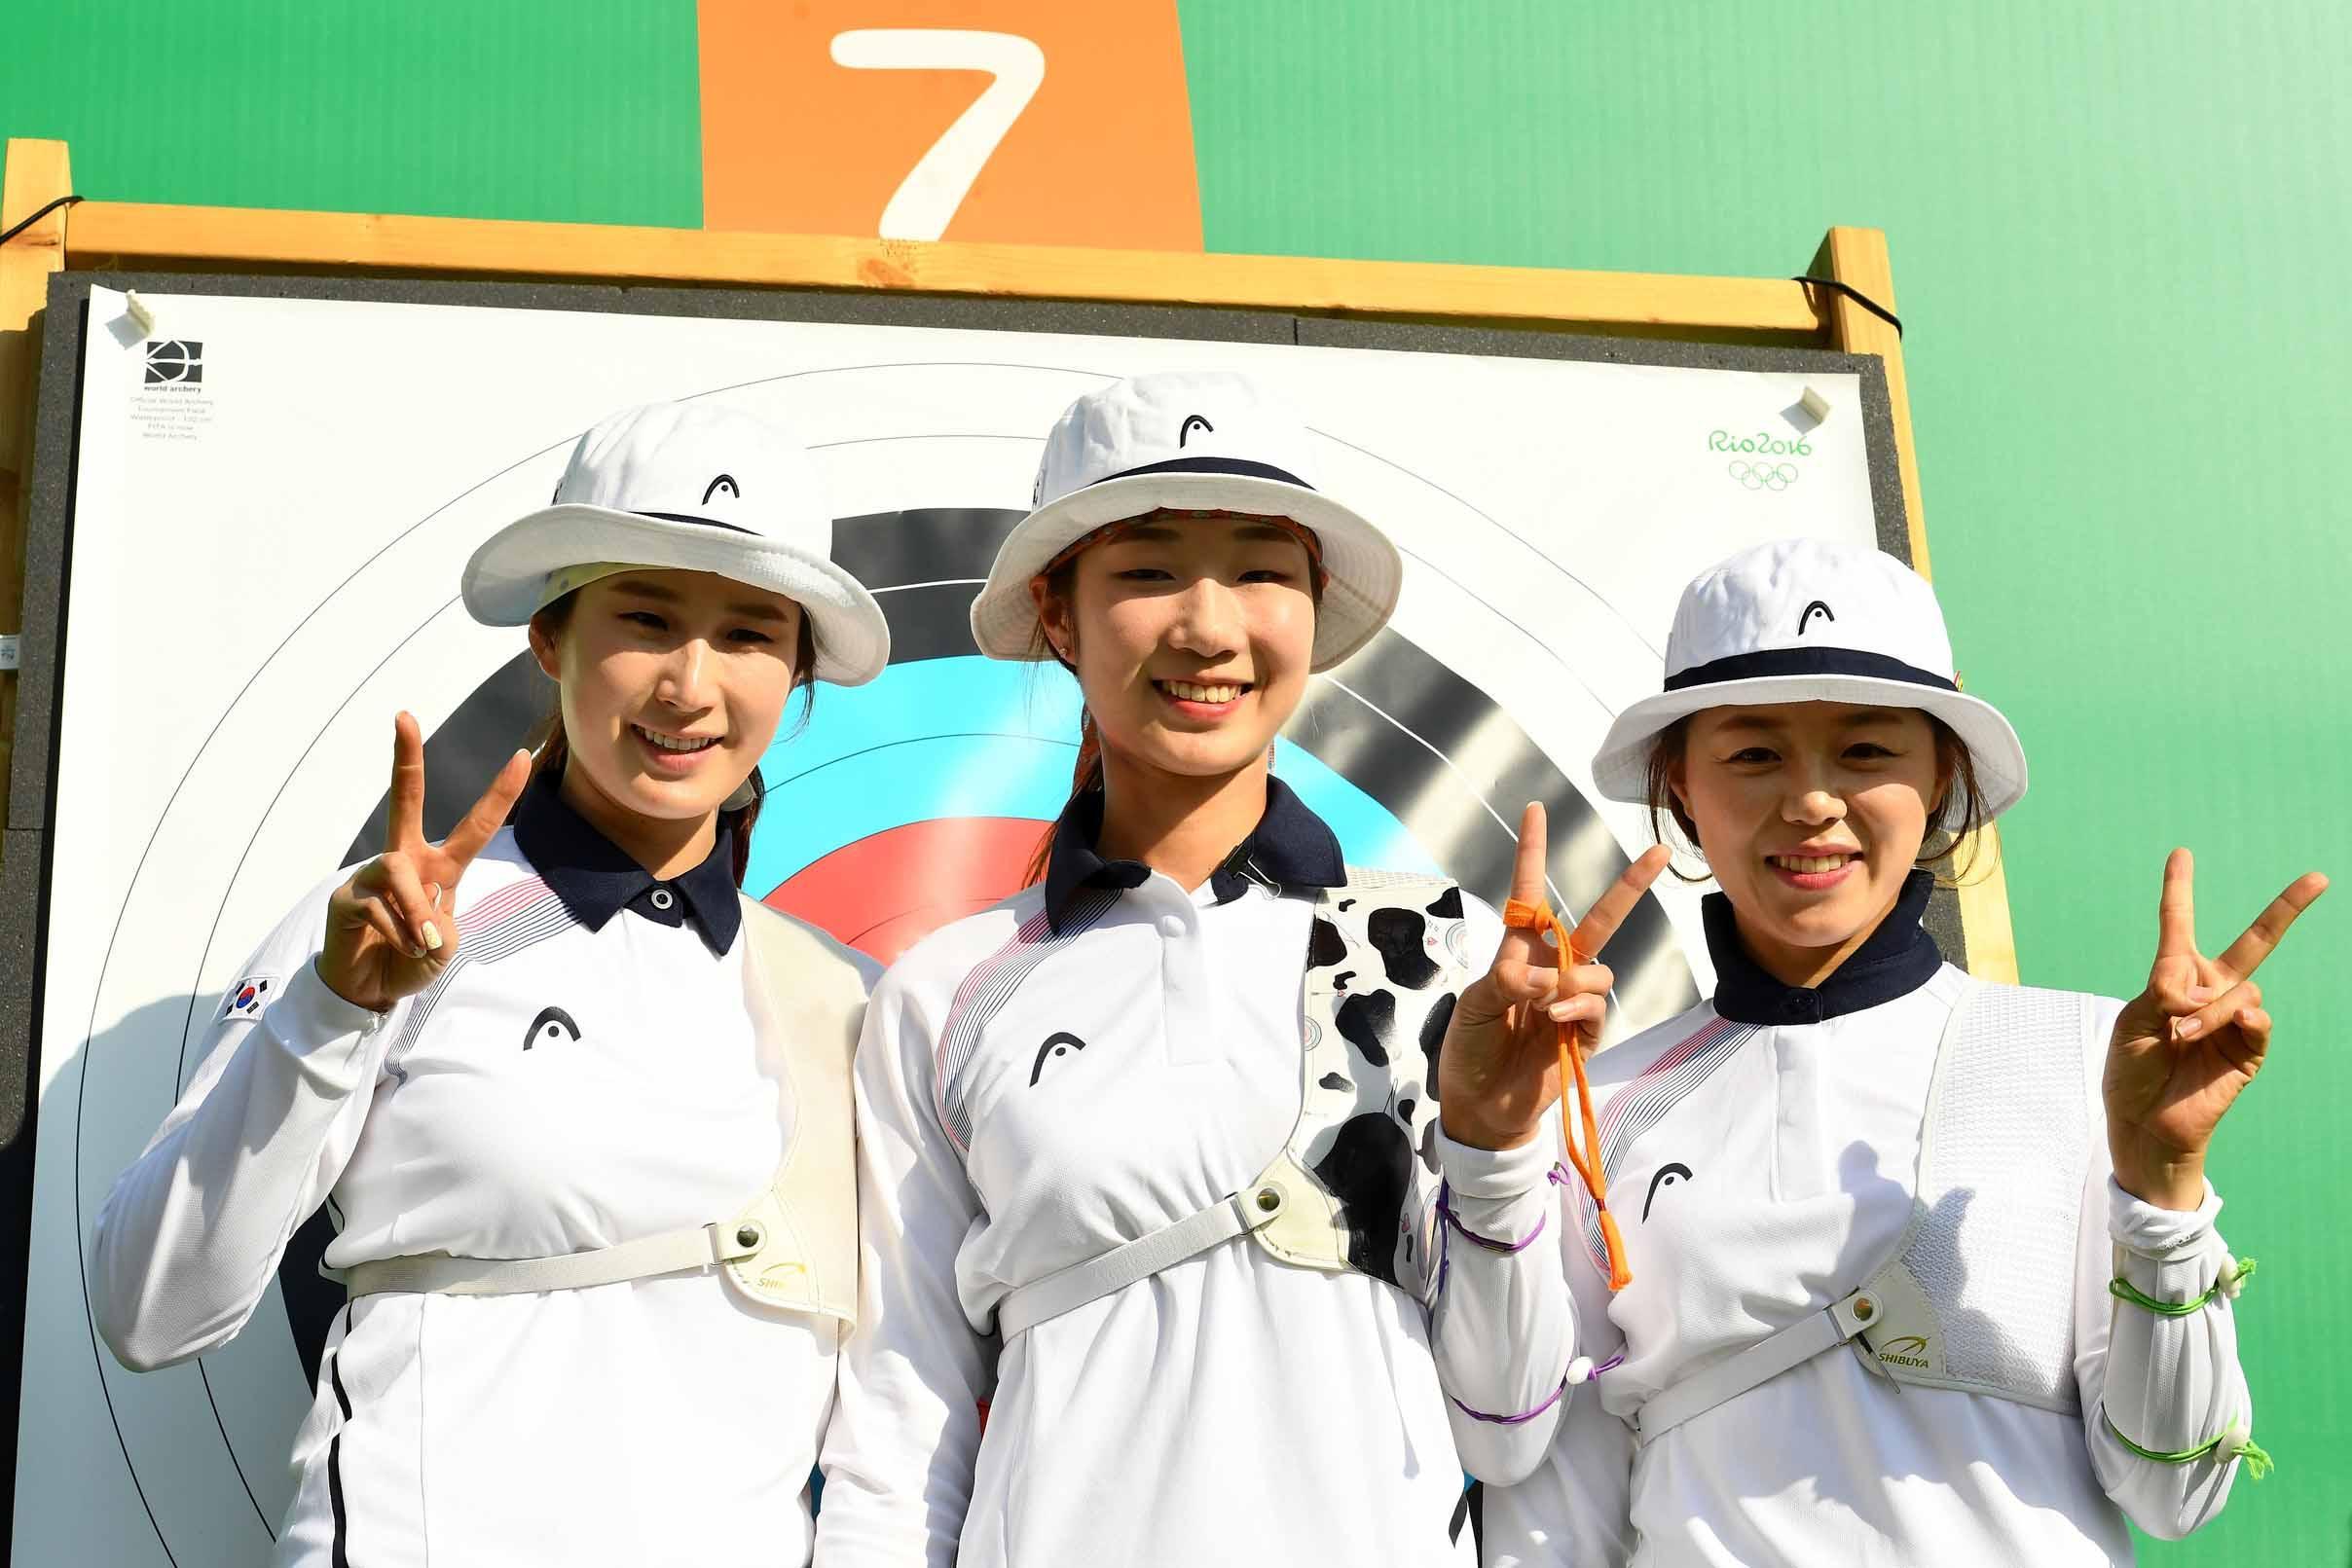 v冠军冠军美女如云不仅有颜又有型云南省赛场柔道图片